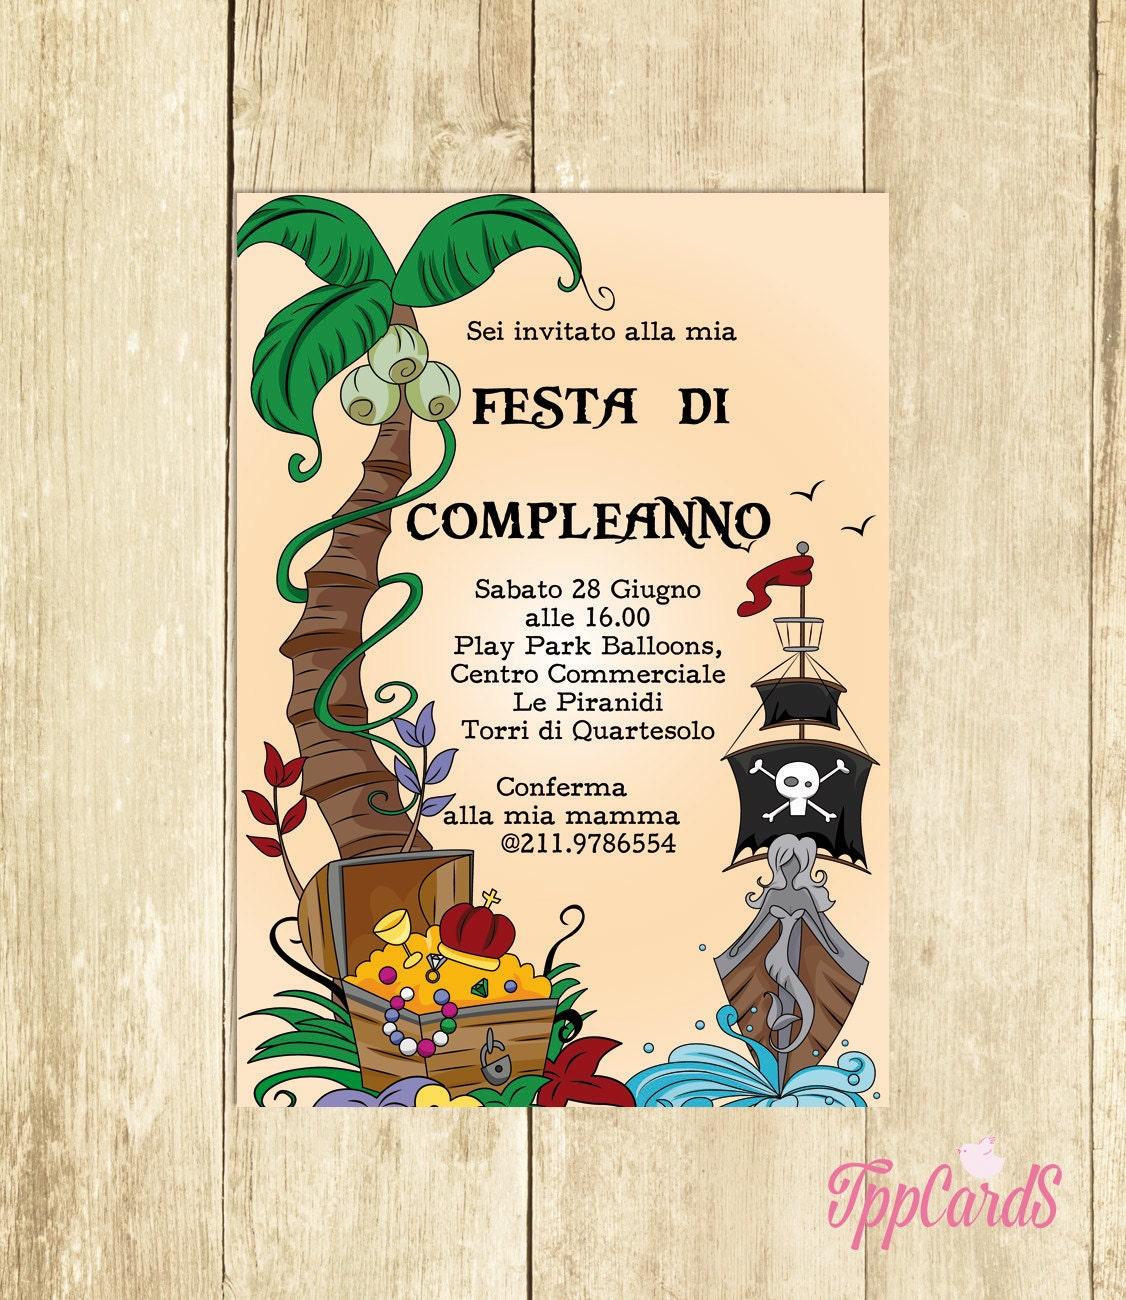 Invito compleanno pirati invito festa compleanno invito - Pirata colorazione pirata stampabili ...